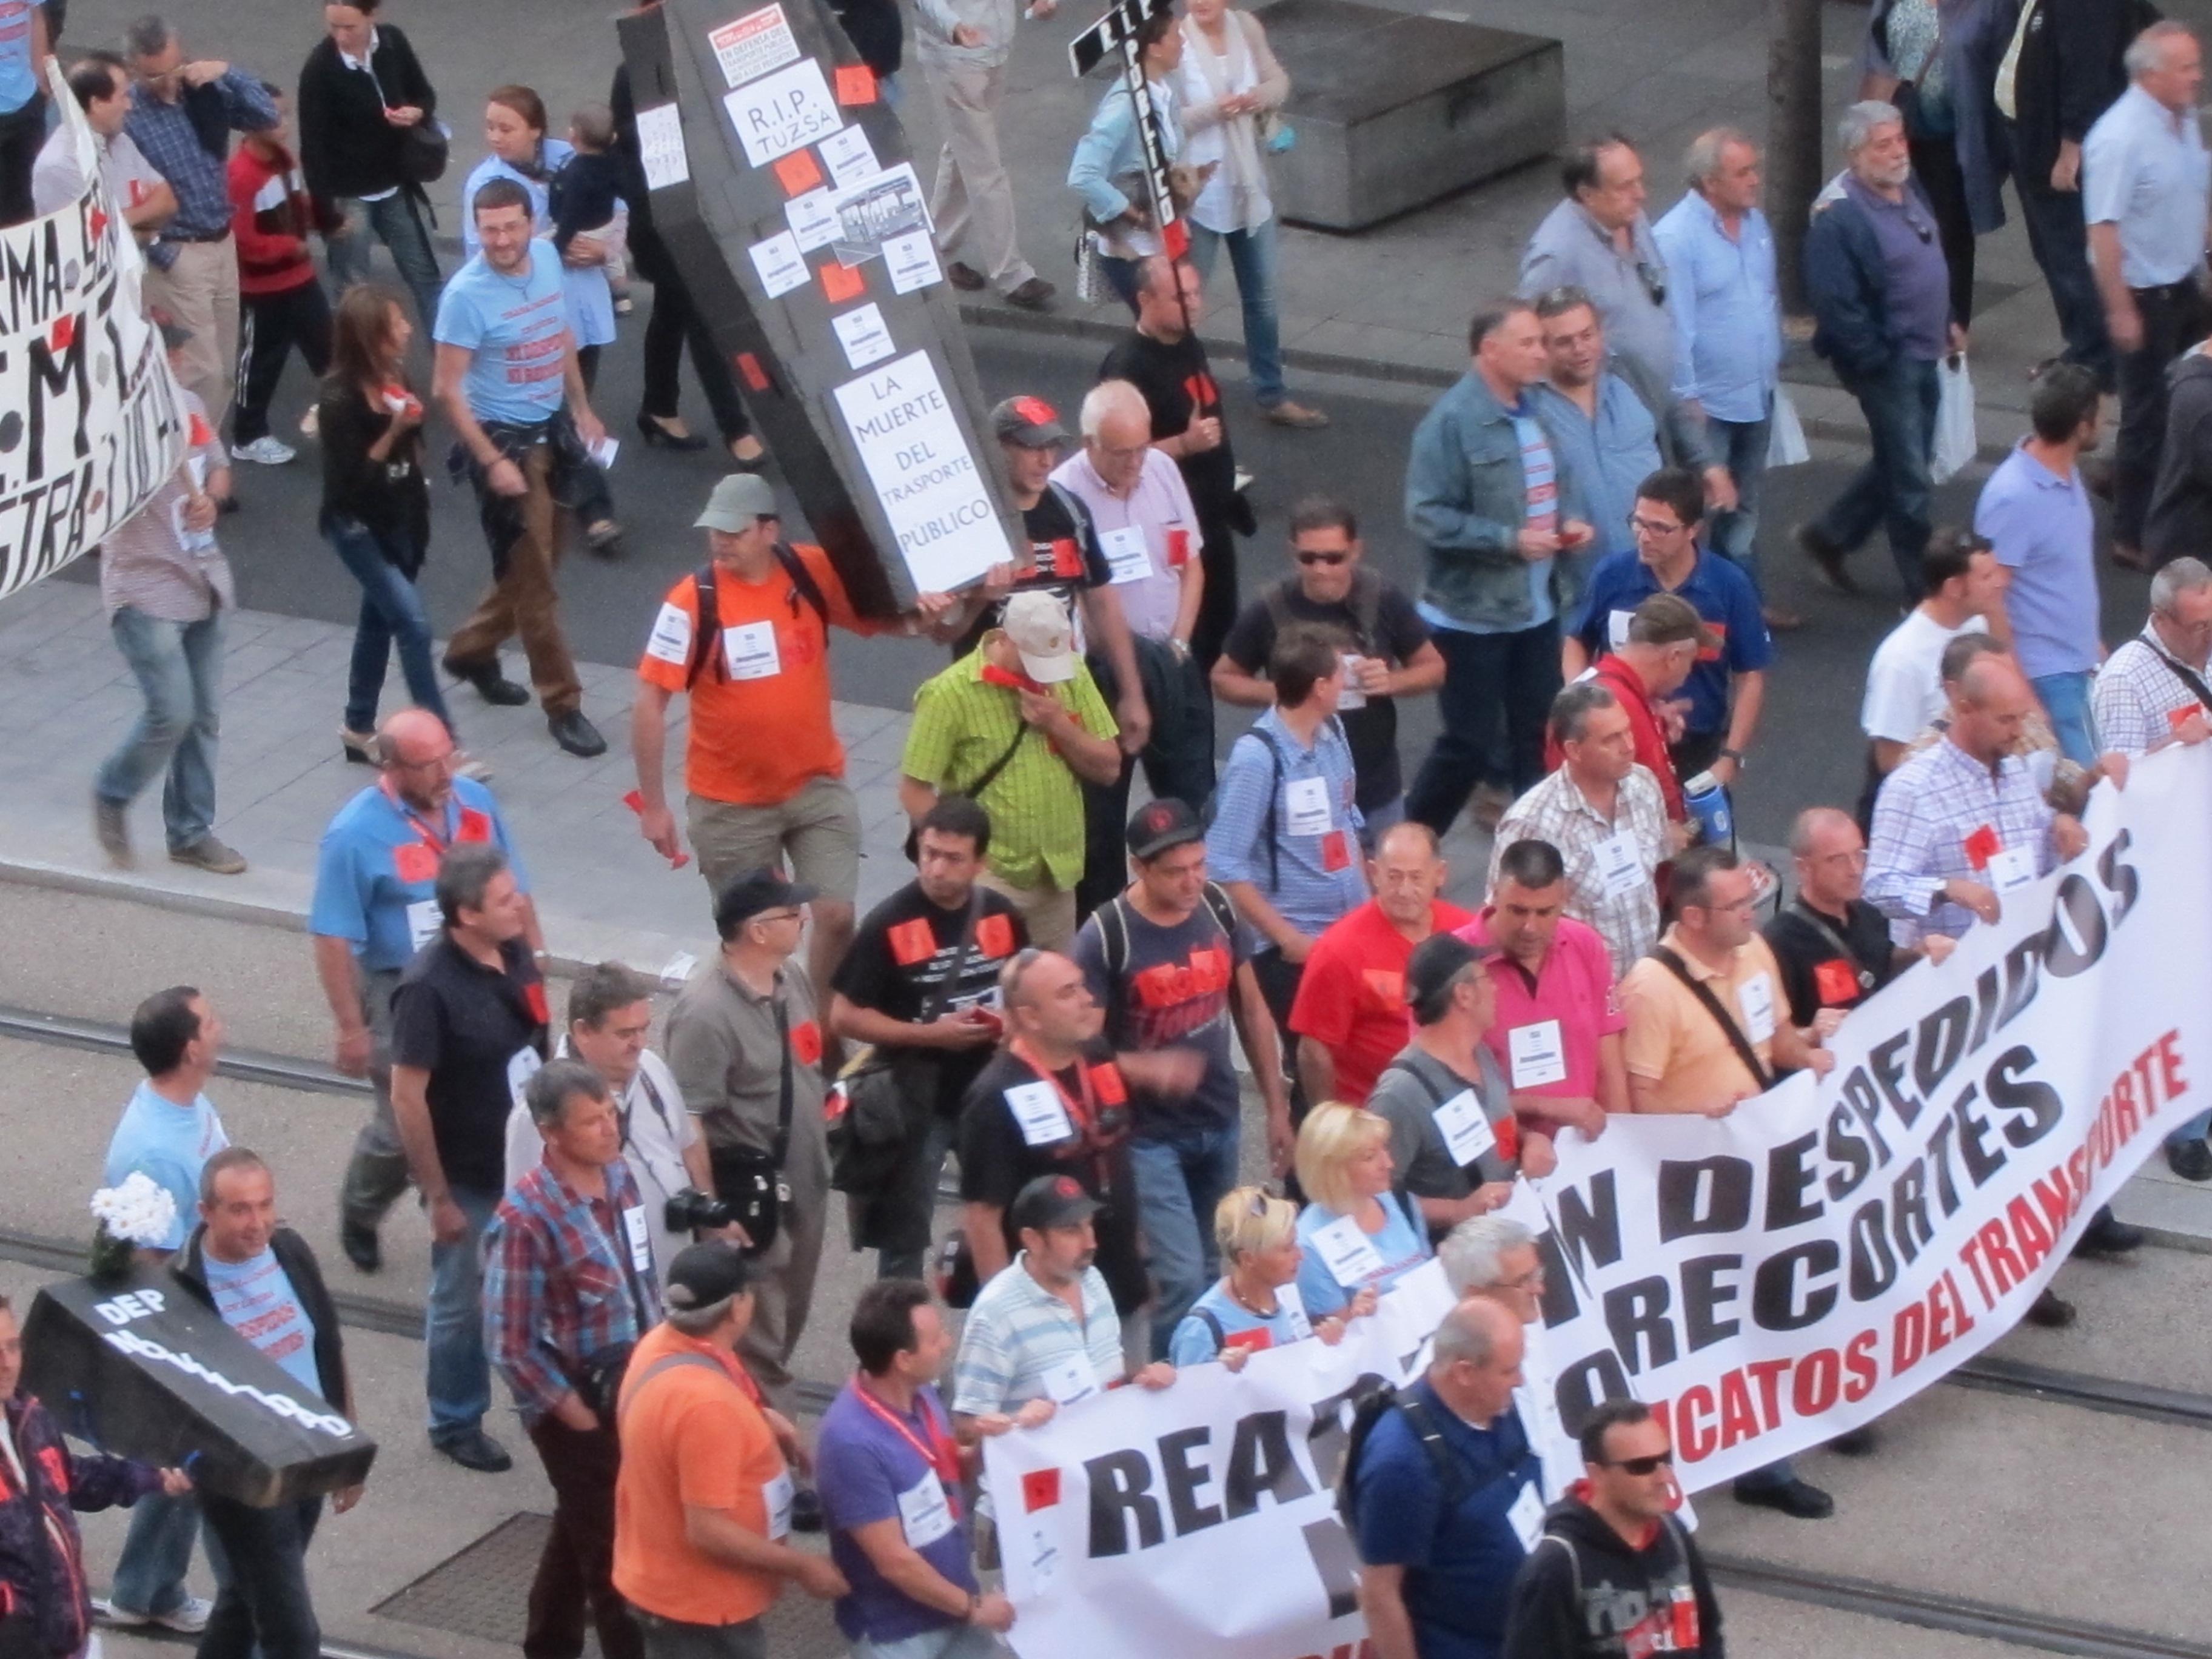 Comité empresa AUZ pide Ayuntamiento que obligue a ADO a subrogar toda la plantilla y cumplir normas laborales